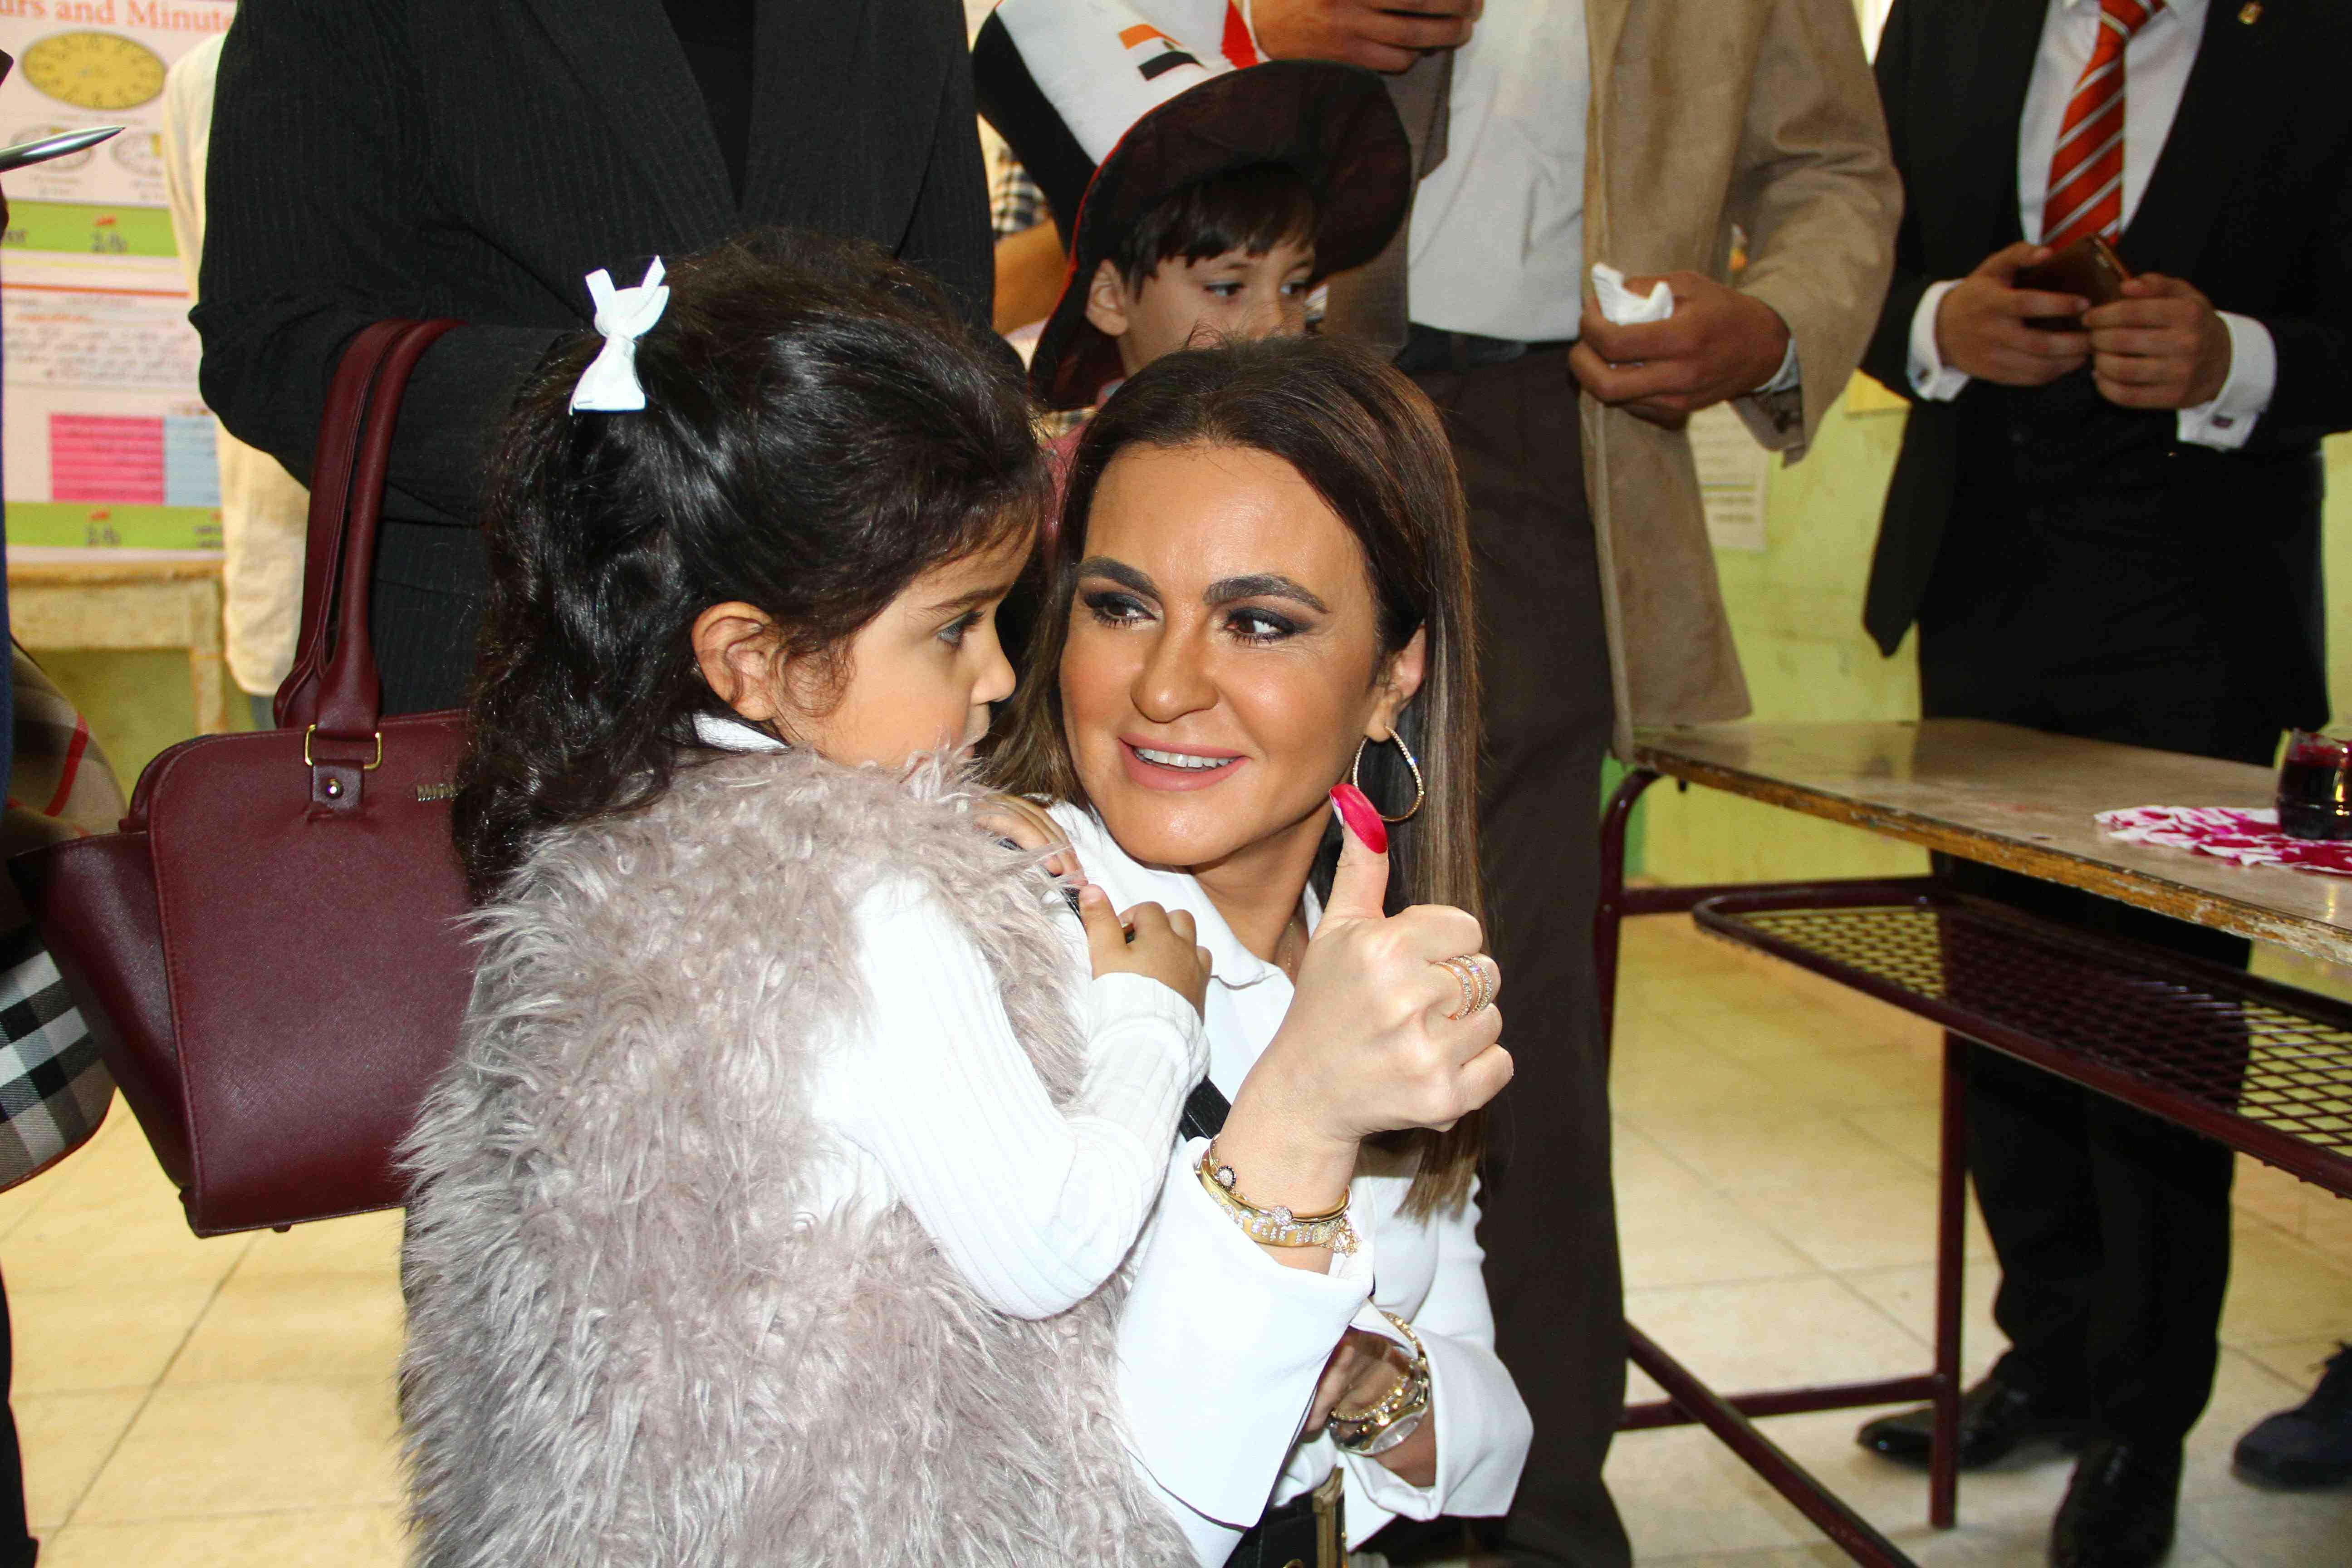 وزيرة الاستثمار تصطحب حفيدتها فى التصويت على التعديلات الدستورية12